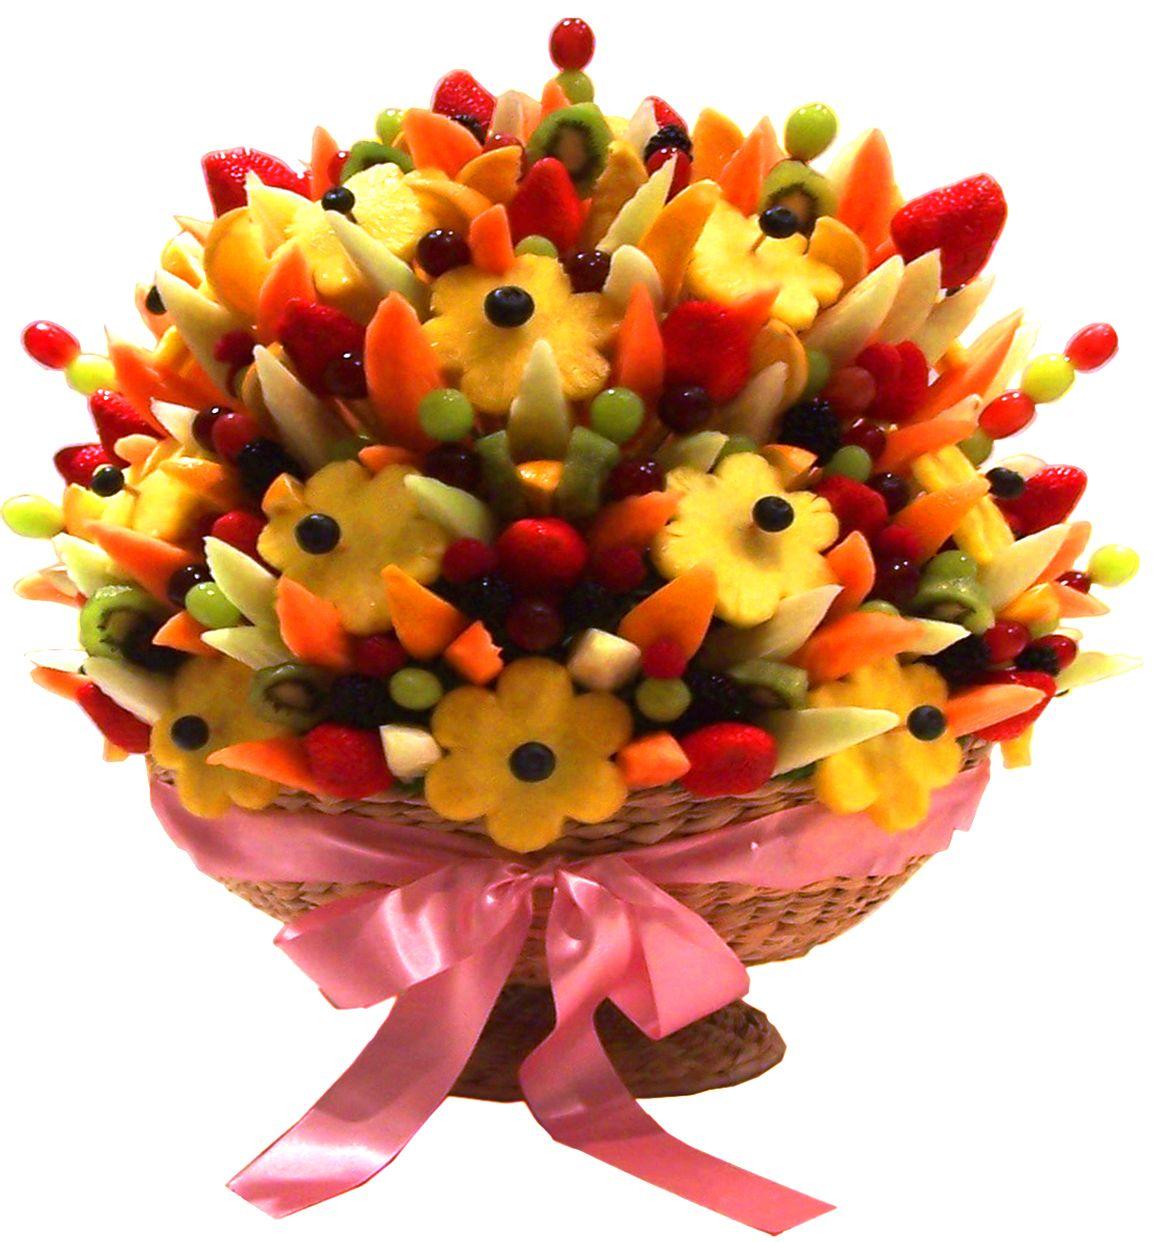 Google Image Result for http://www.fruitmagic.moonfruit.com/communities/9/004/008/238/519/images/4538752185.jpg